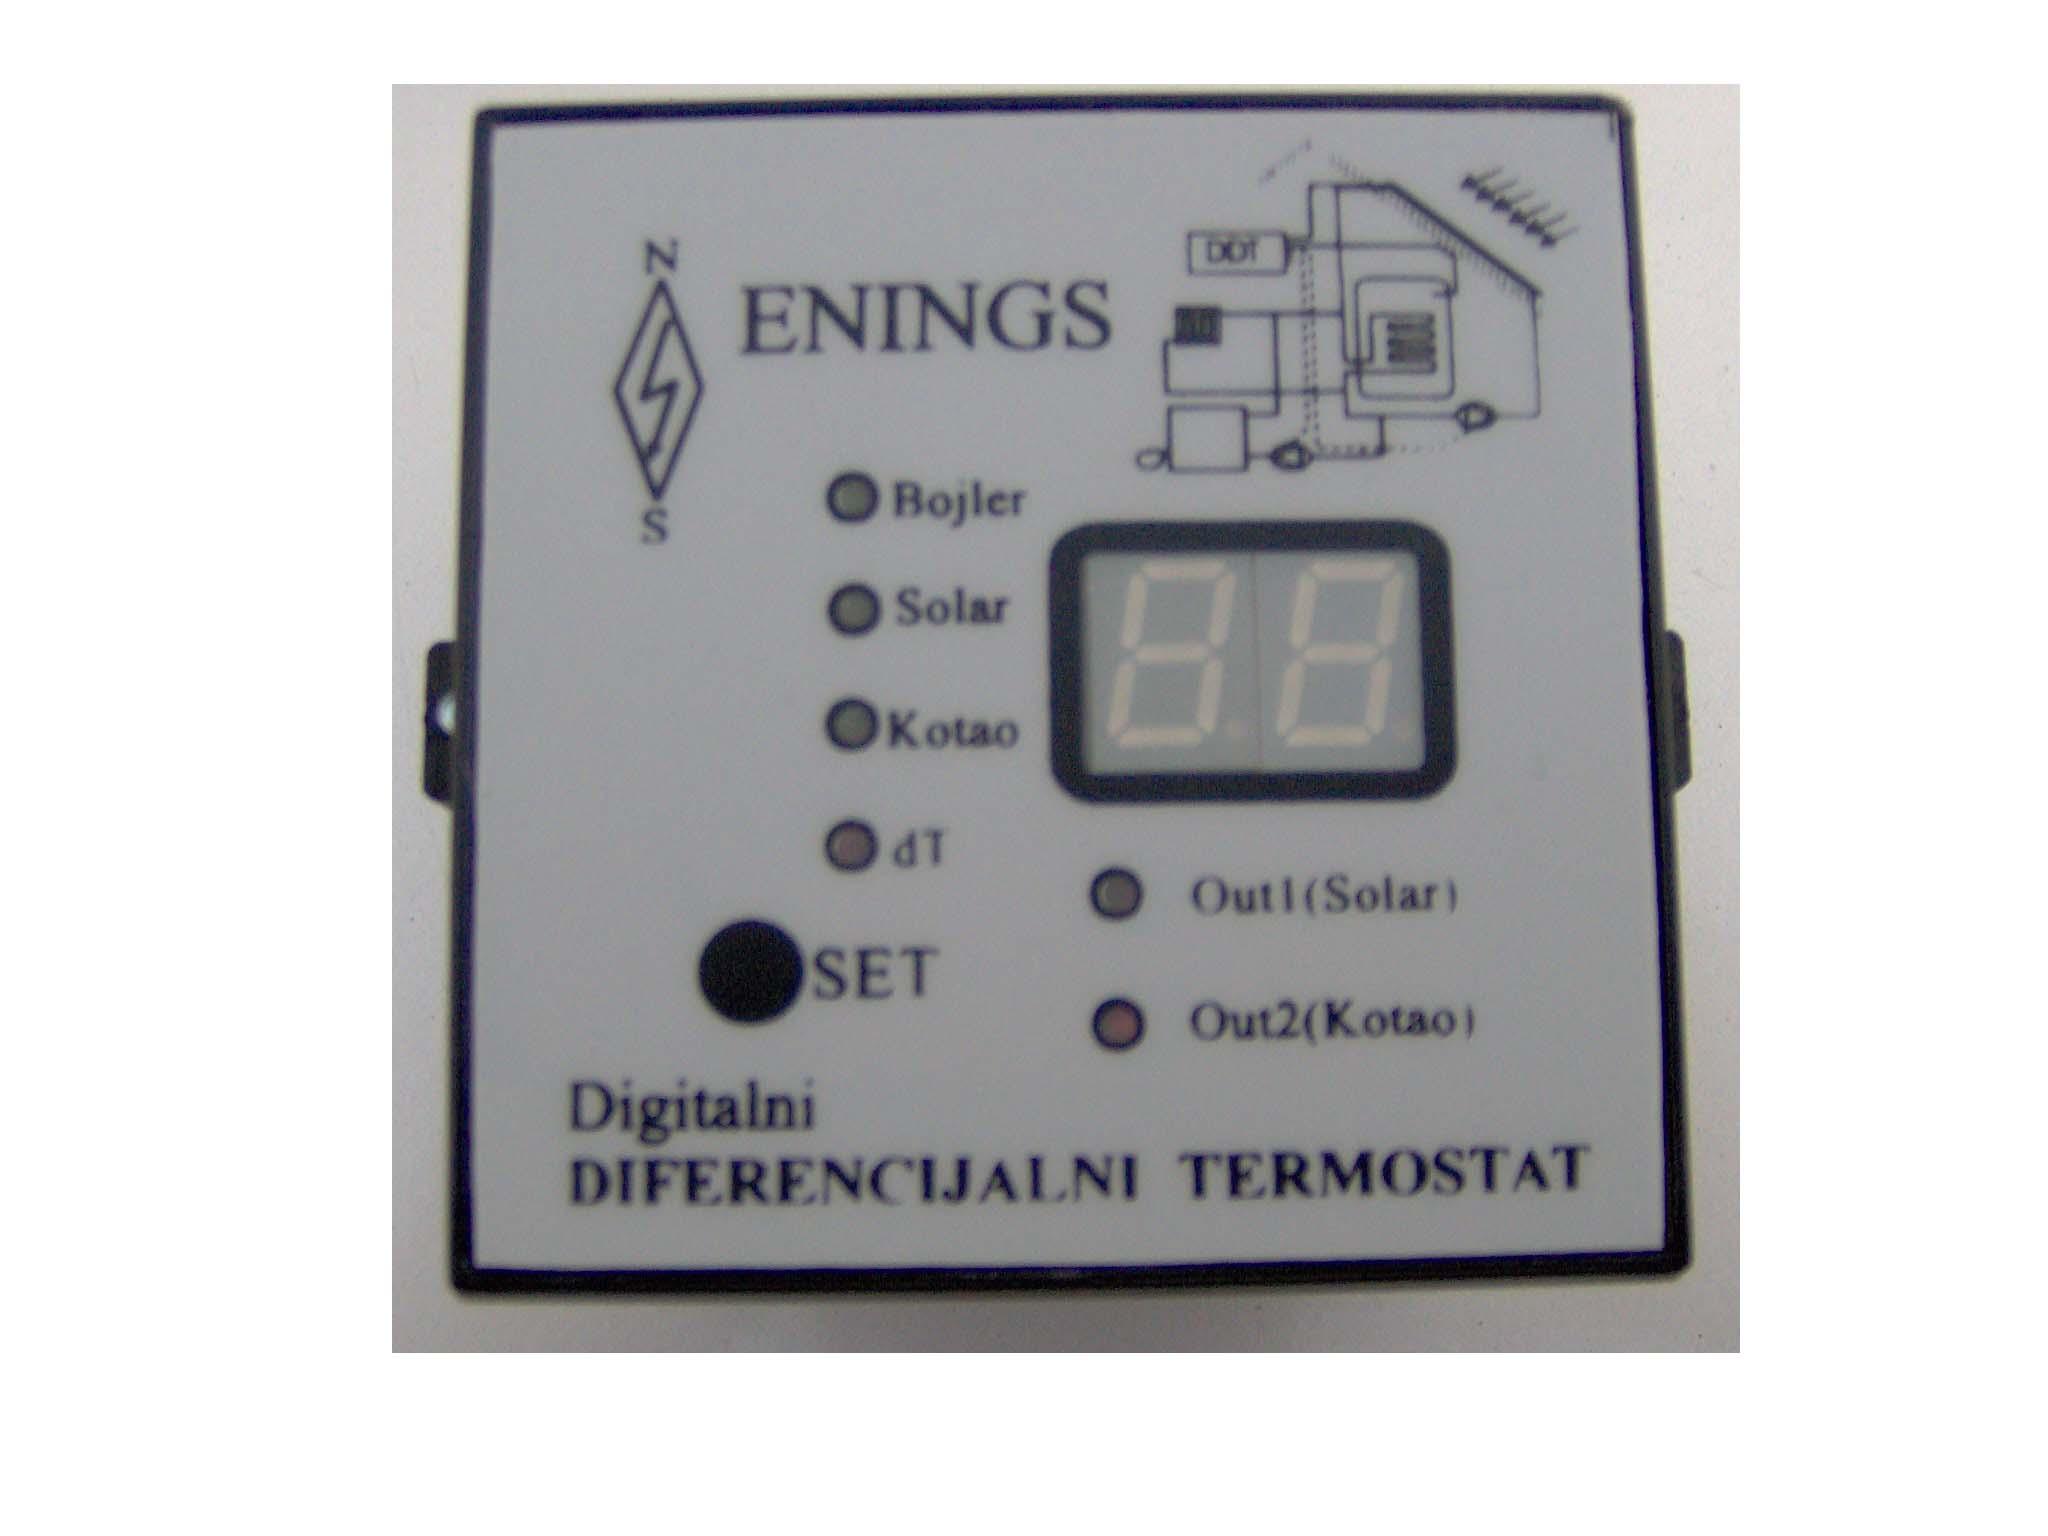 Dvostruki diferencijalni termostat (varijanta za orman) - ENINGS - Niš